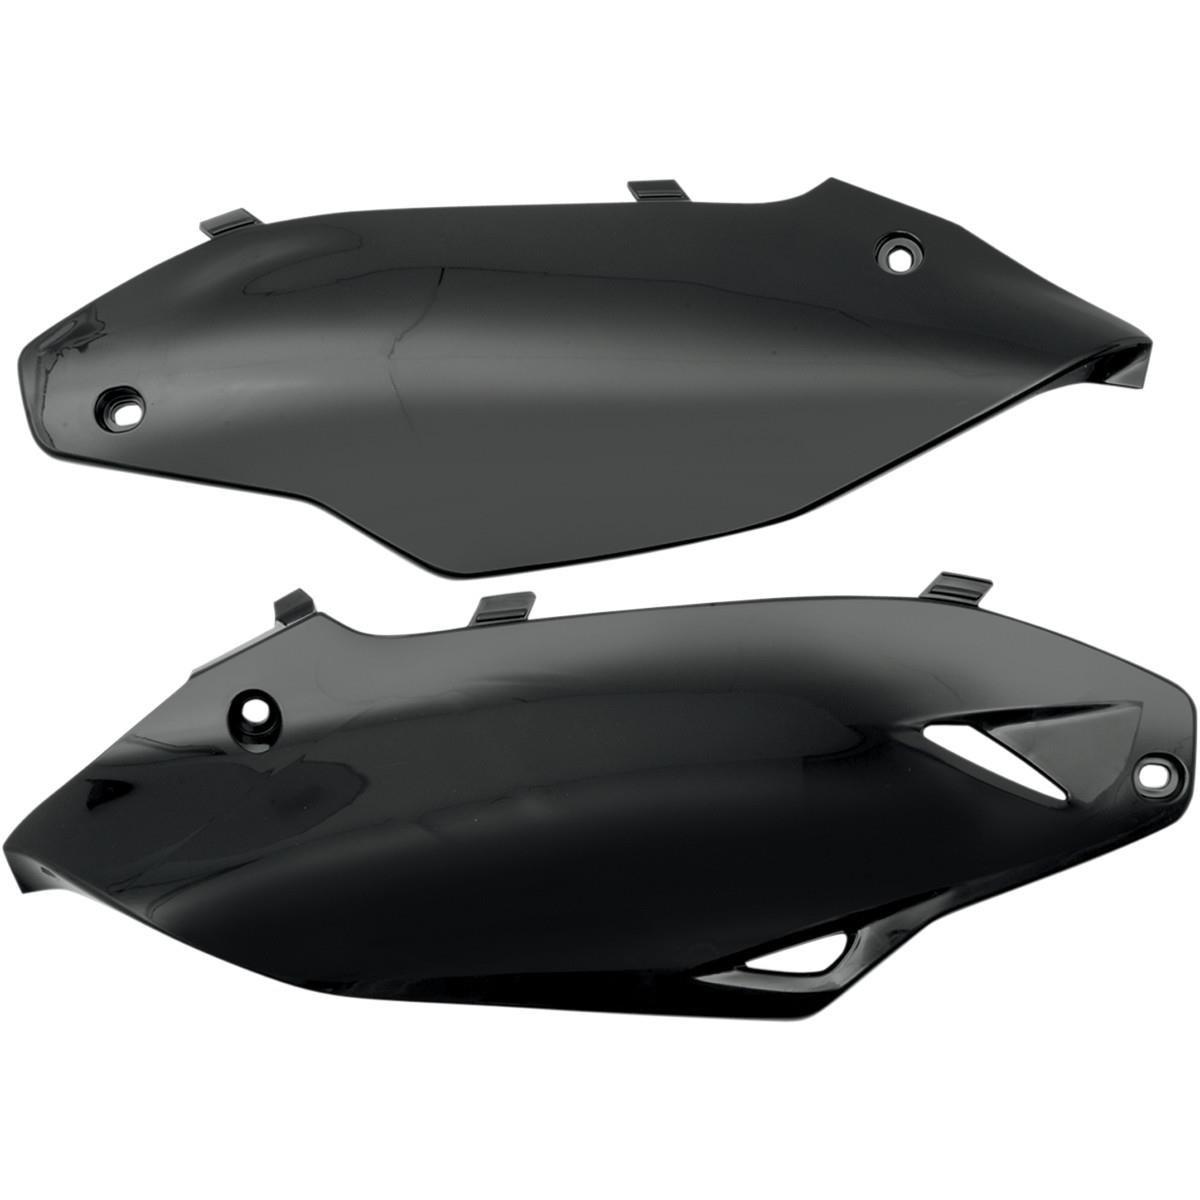 FOR KAWASAKI PANELS SIDE KXF450 12GRN UFO KA04720-026 Replacement Plastic